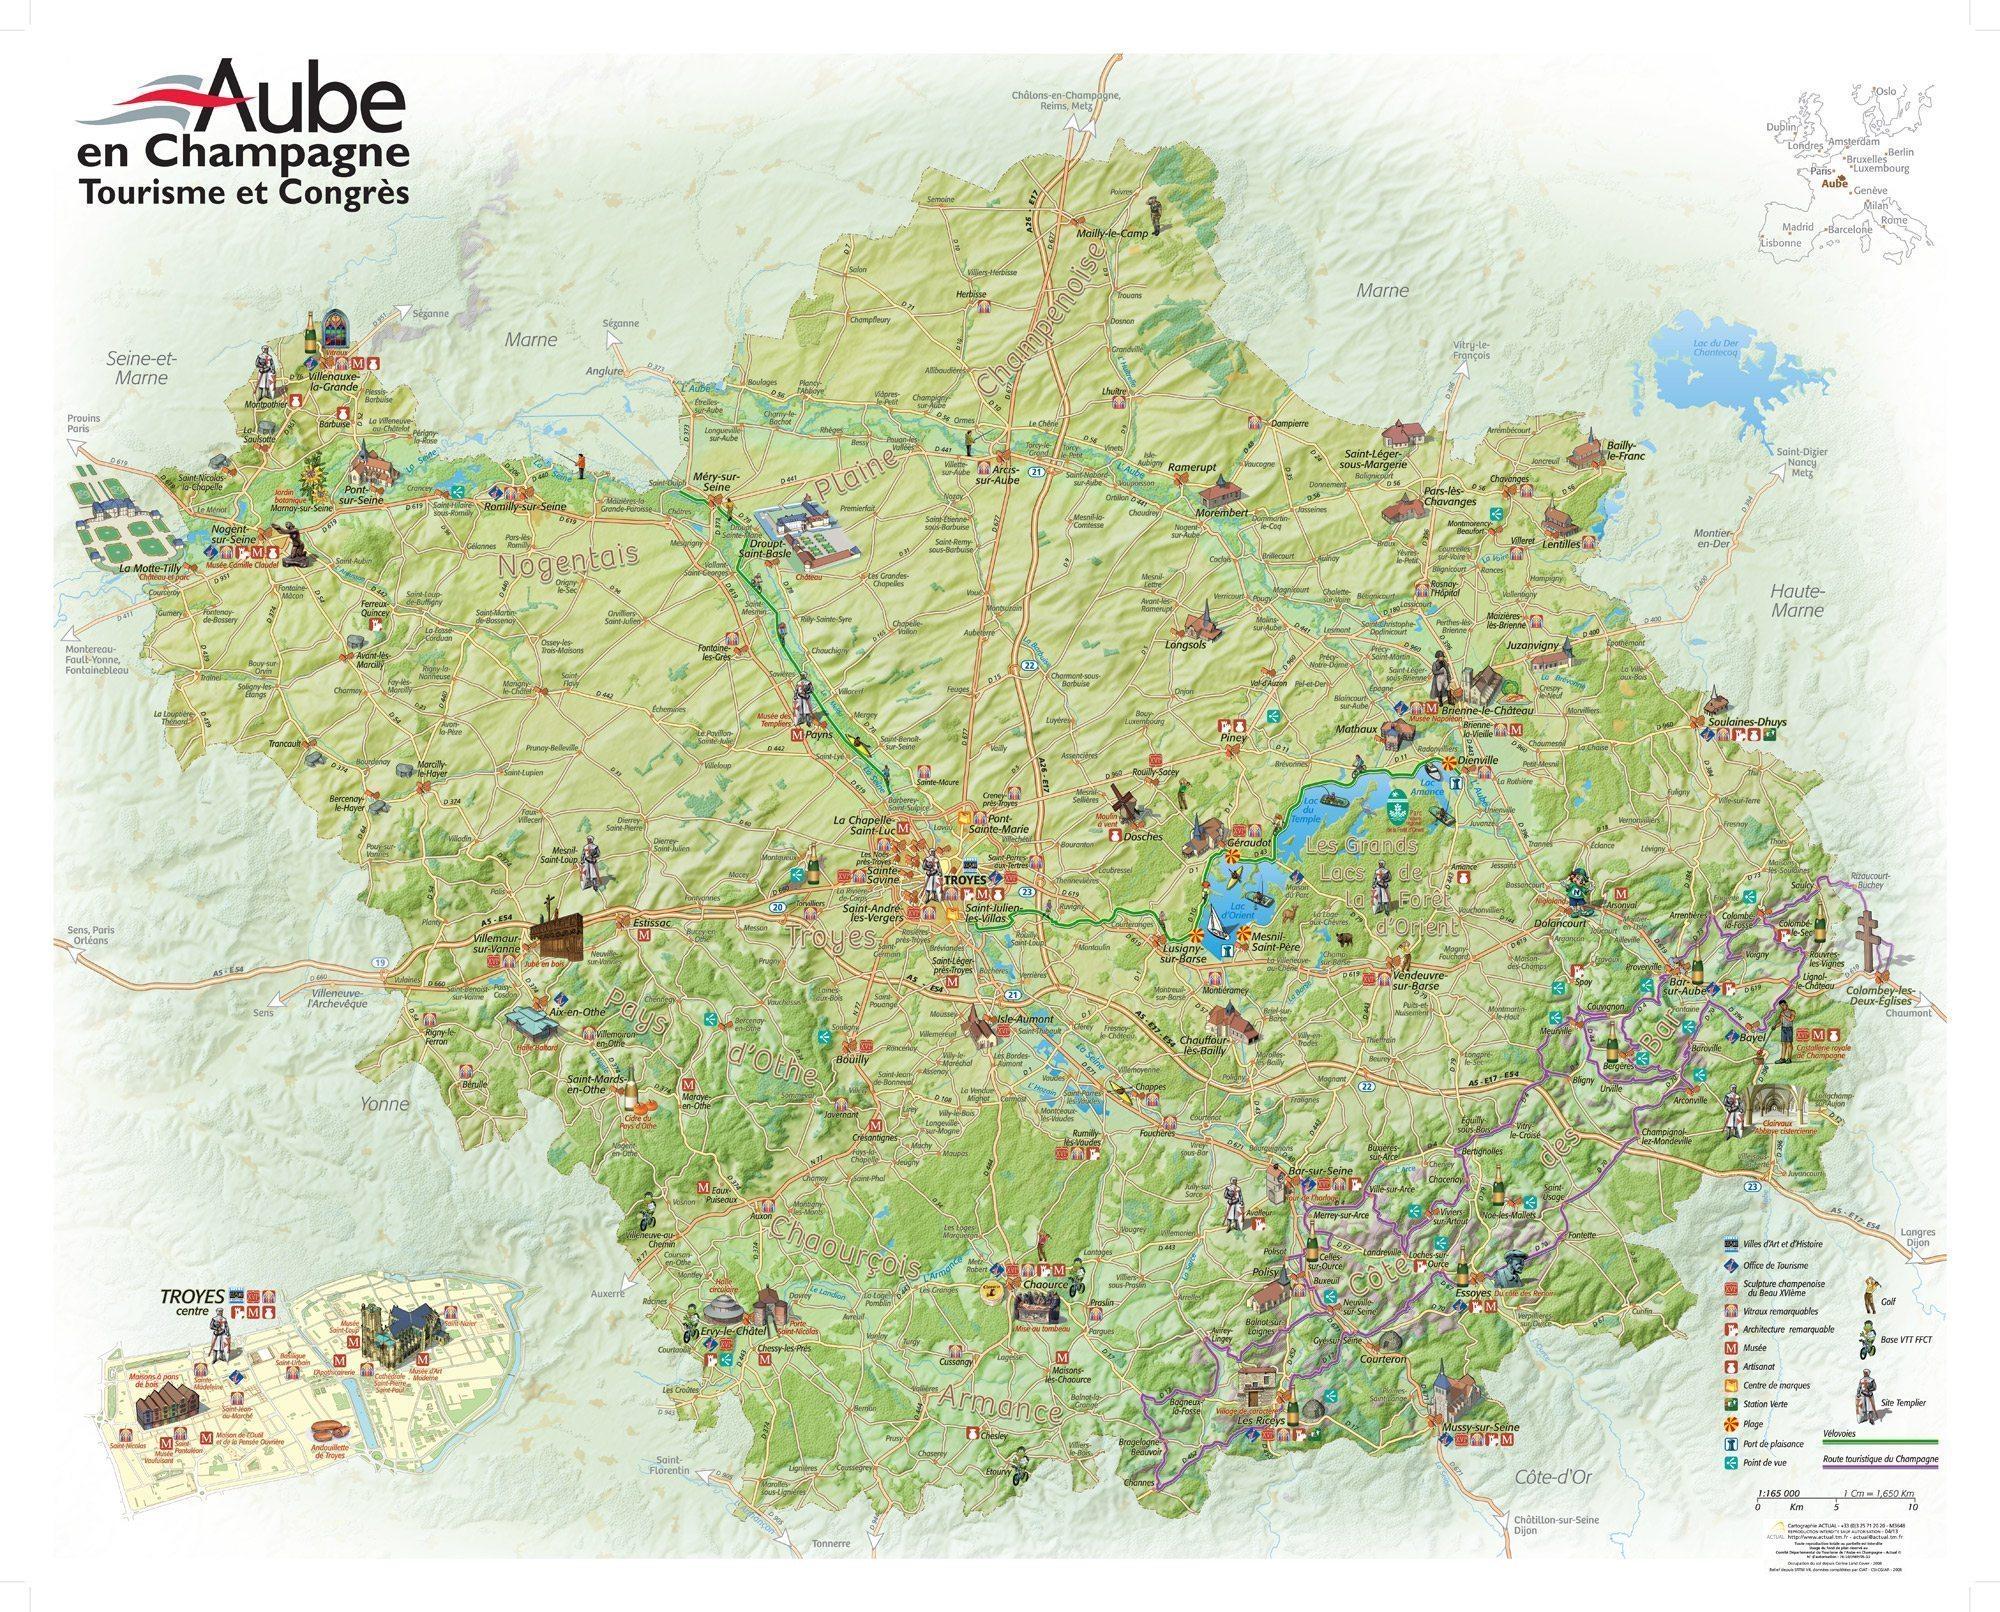 Carte et plan touristique de l 39 aube en champagne - Office du tourisme champagne ...